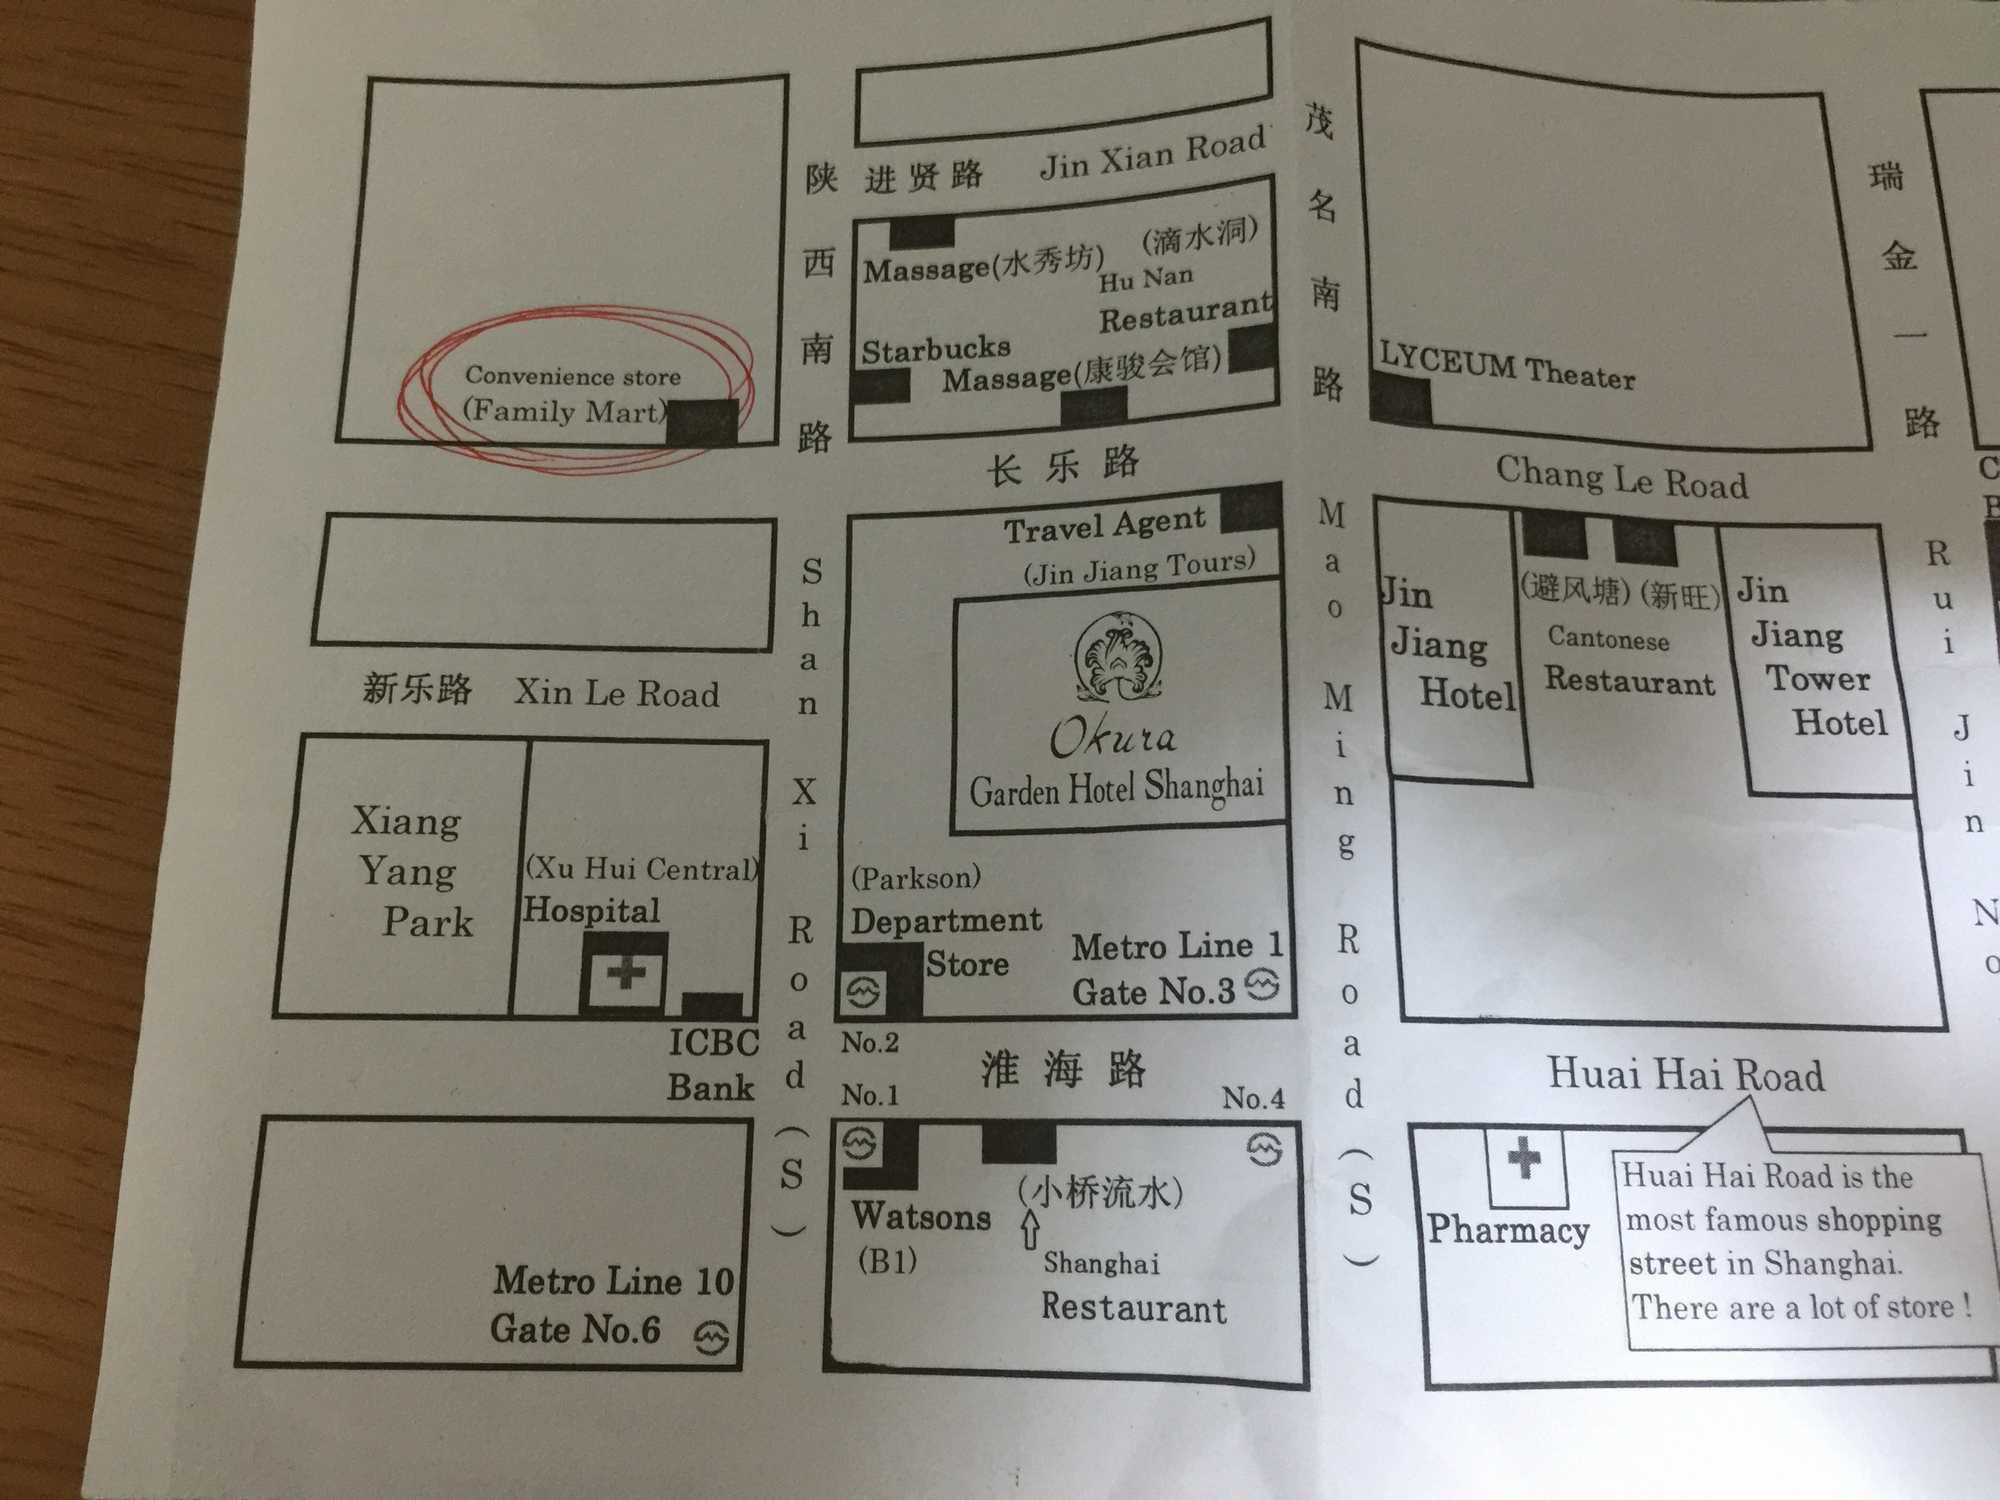 オークラガーデンホテル上海からファミリーマートまでの地図